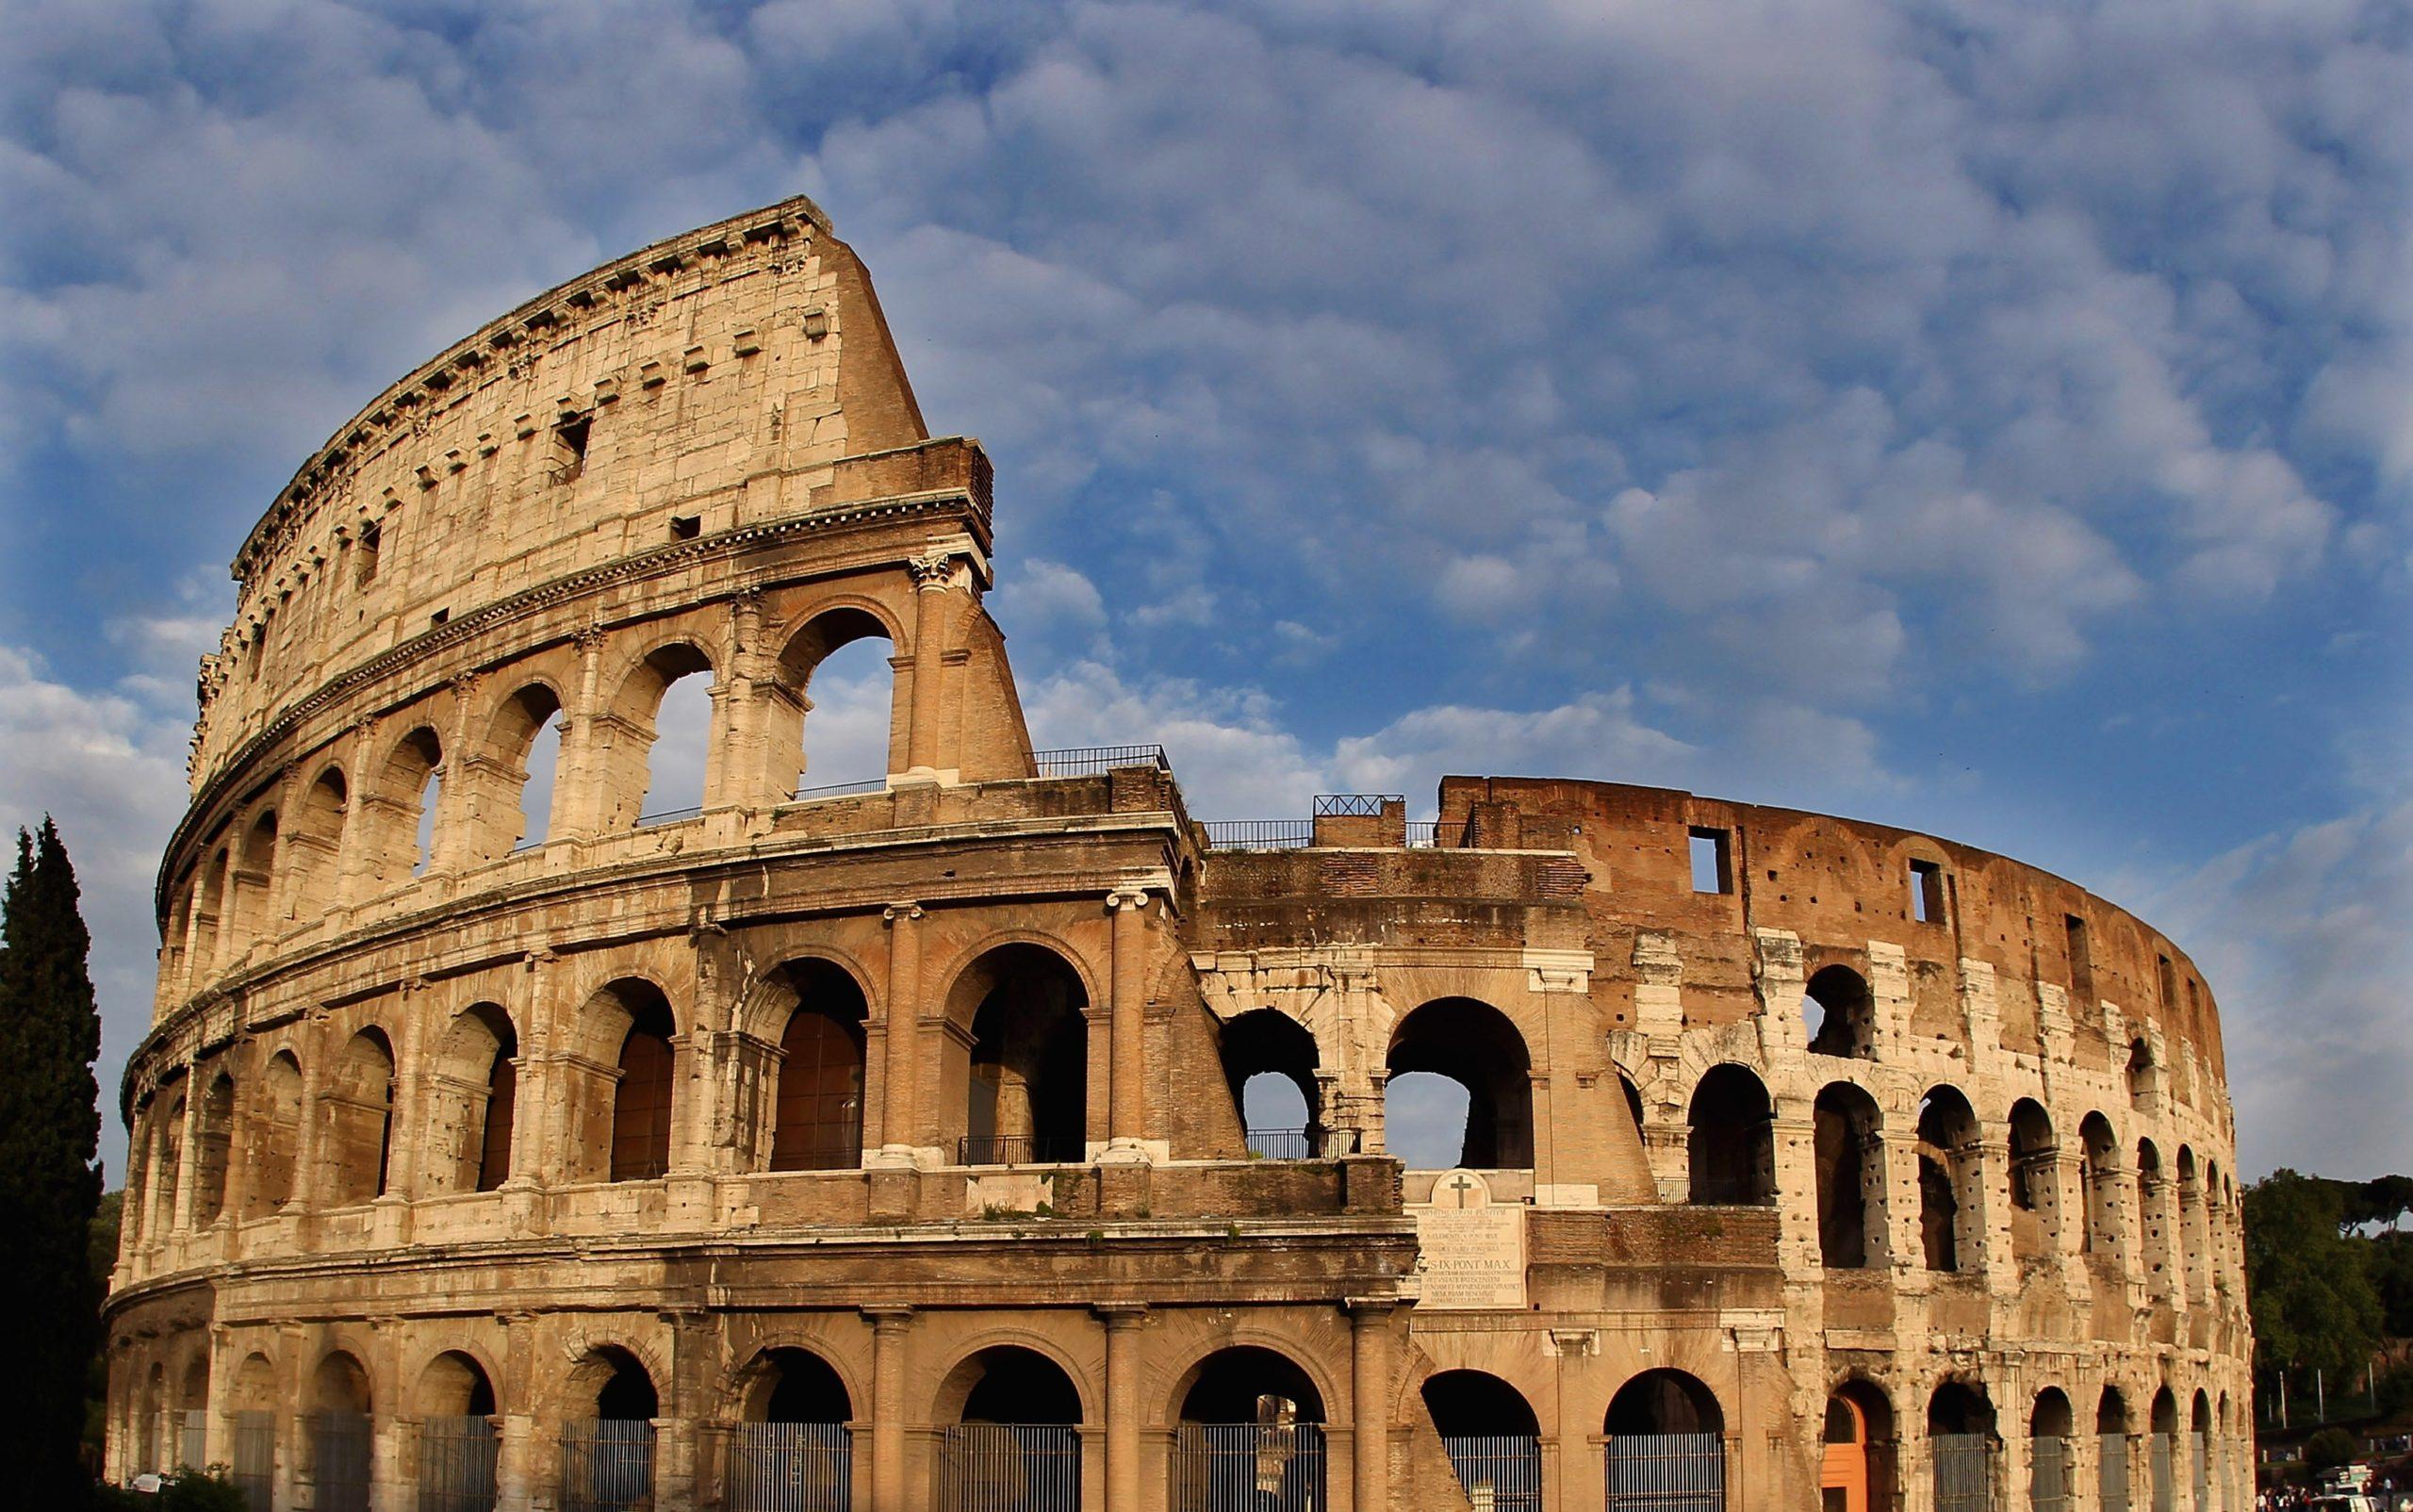 Investime te Koloseu i Romës, zbulohet sesi do të duket dyshemeja e re